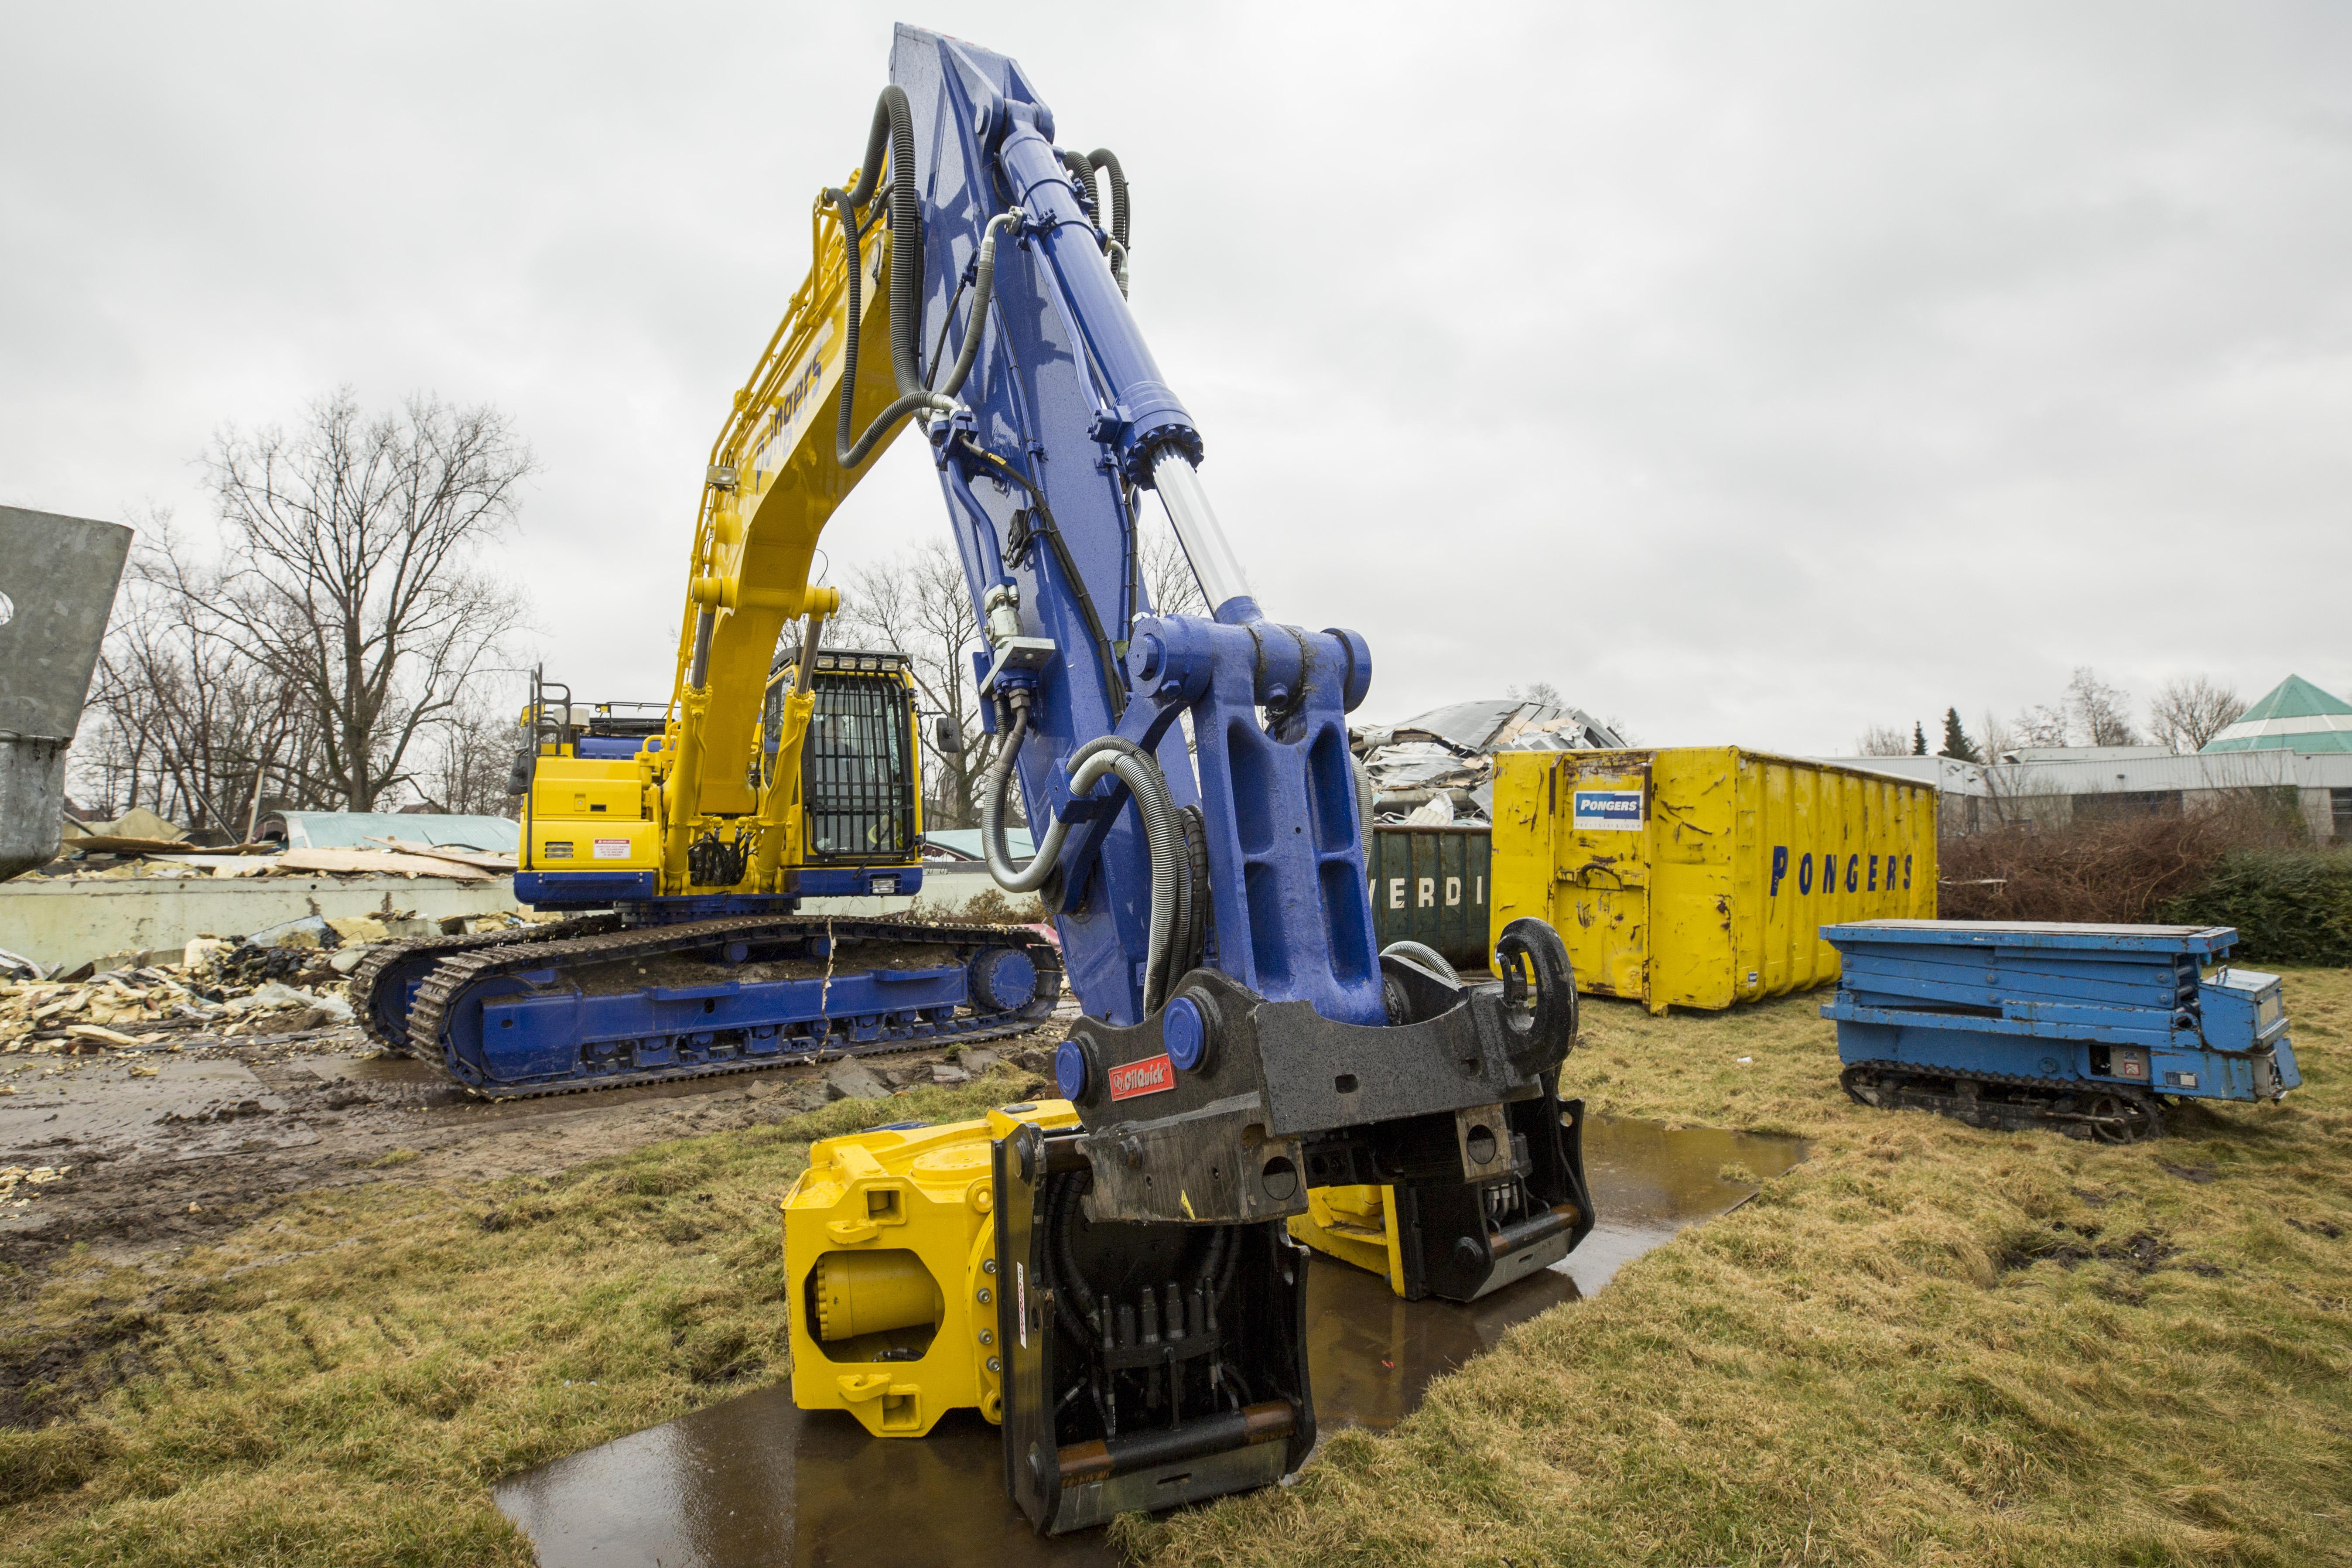 <p>OilQuick moet de efficiency verbeteren, doordat in no-time het juiste uitrustingsstuk aan de machine hangt zonder dat de machinist de cabine moet verlaten.</p>